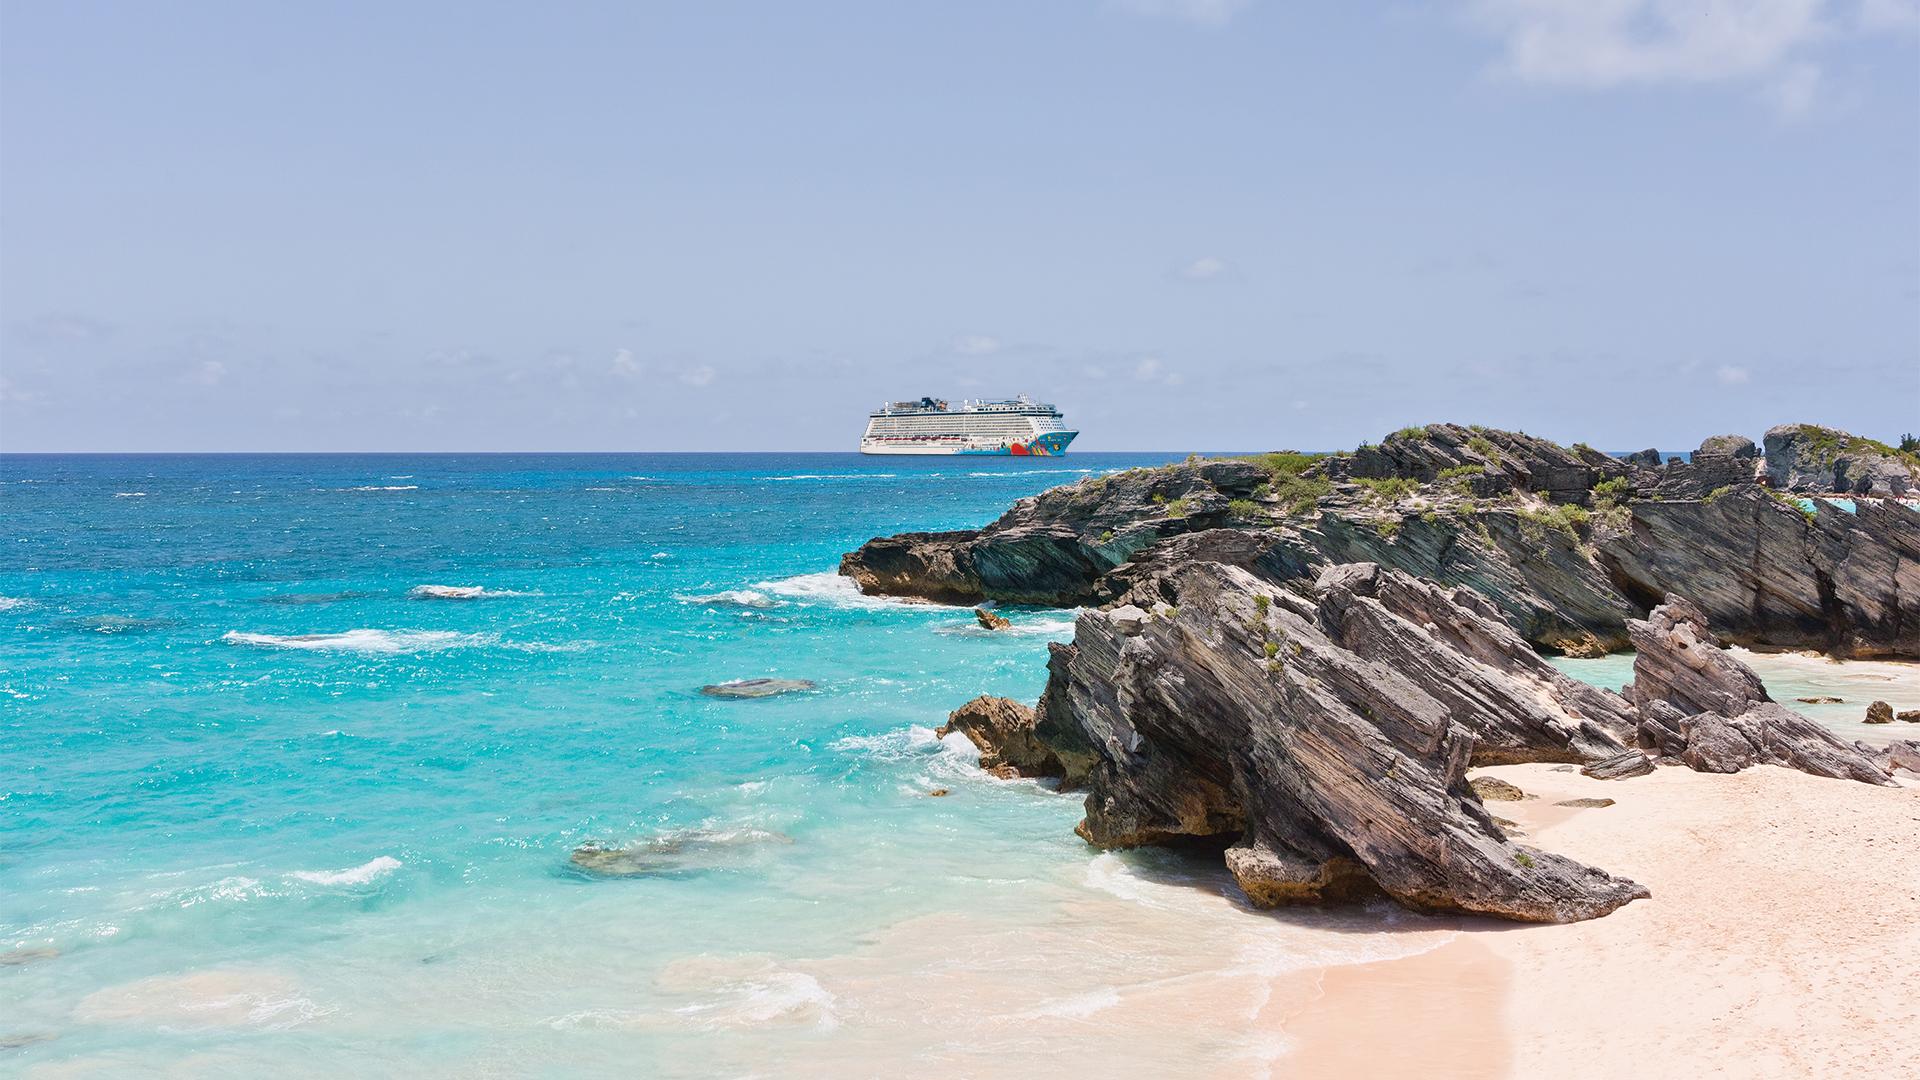 Karibien med Norwegian Breakaway - Njut av en innehållsrik kryssning med fantastiska Norwegian Breakaway under 14 nätter. Avresa är från New York 16 oktober 2020 och på den här kryssningen får du gott om tid att upptäcka paradisplatser som Aruba, Bermuda och Barbados. Pris från 14 097 kronor.